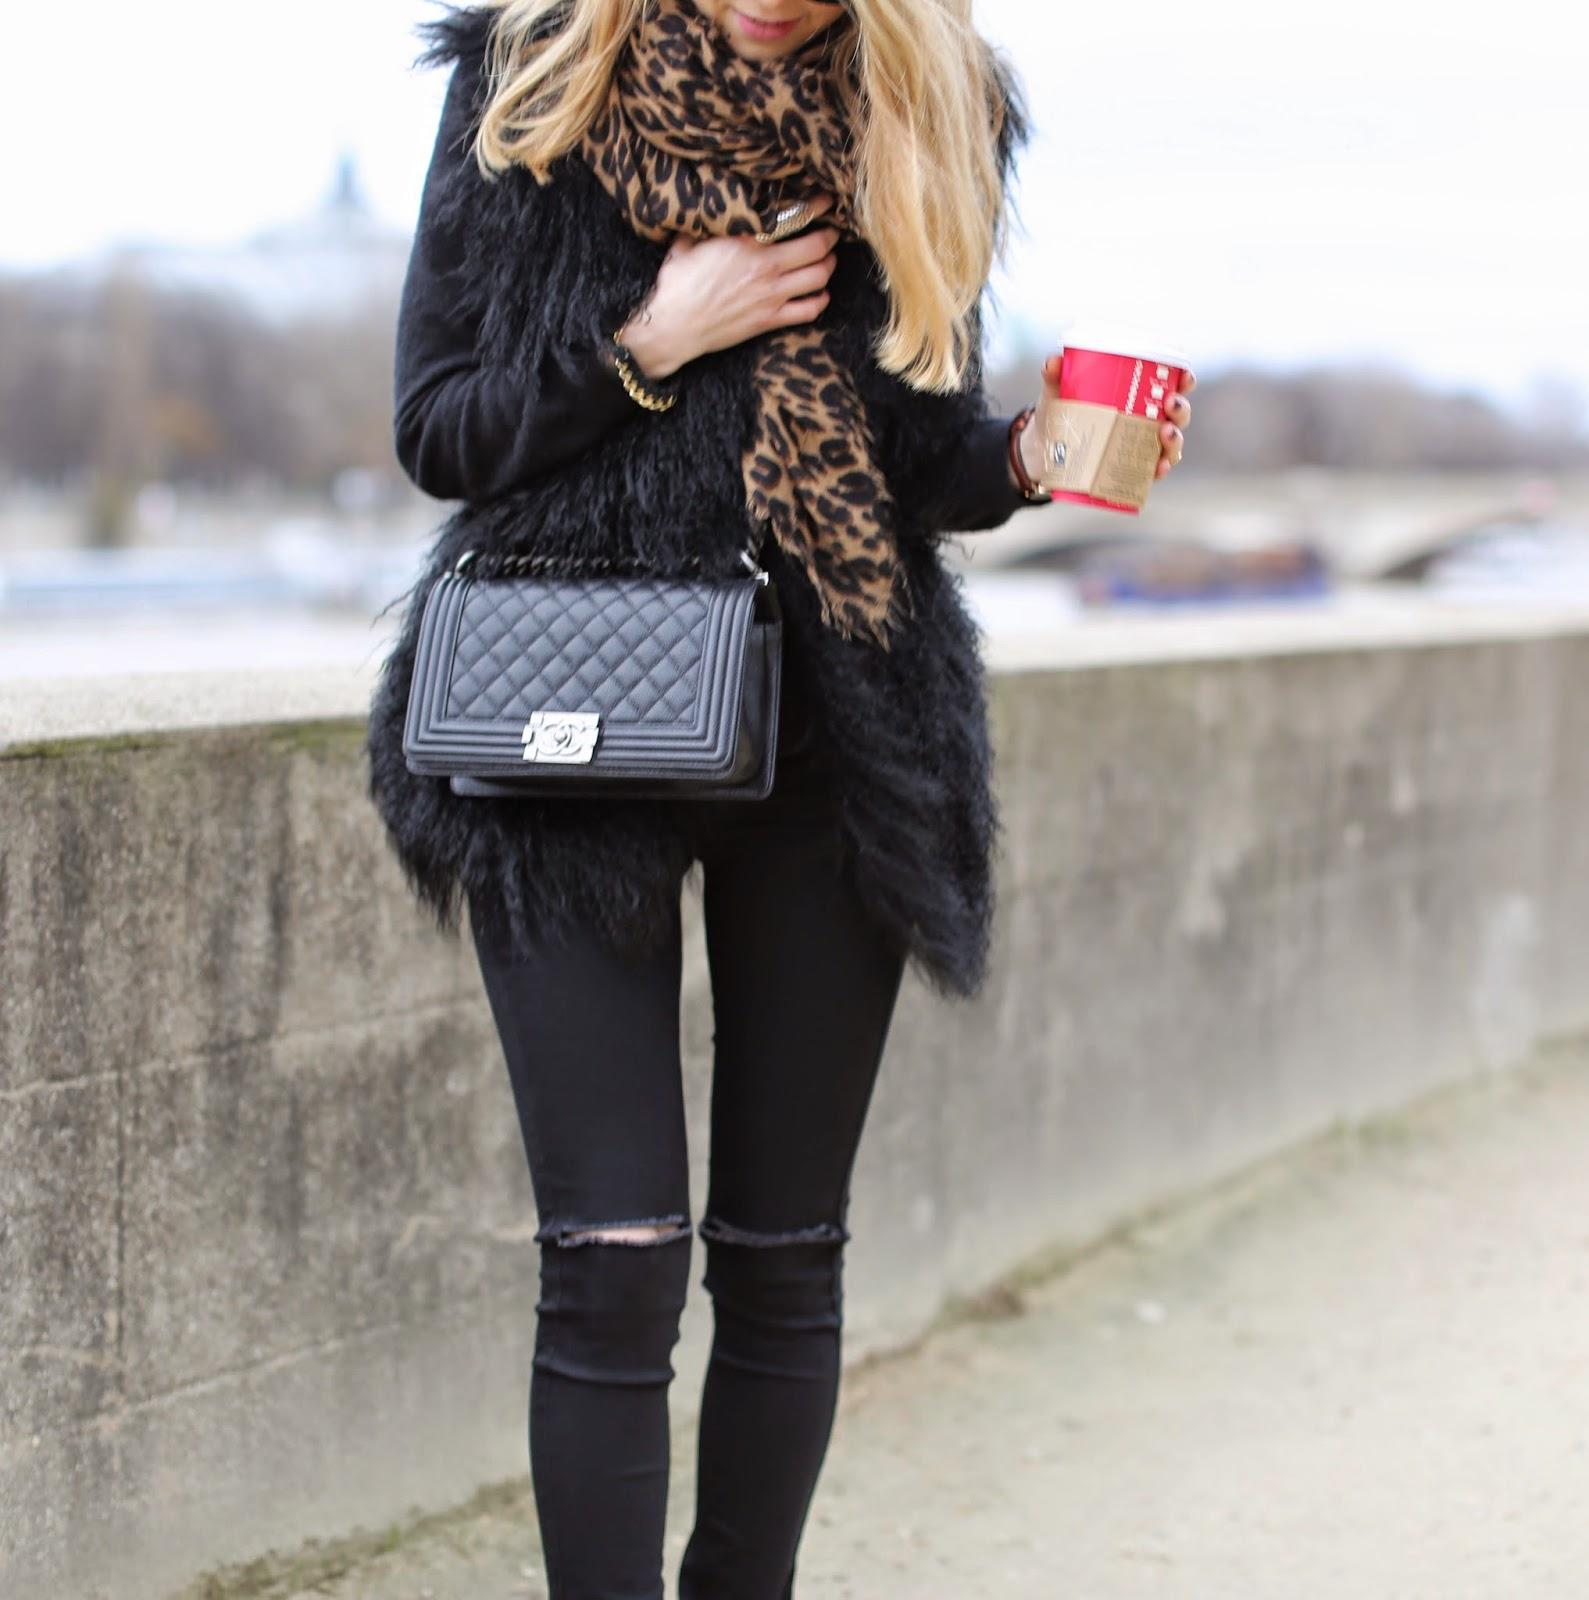 all black, fur, leopard, zadig et voltaire, Louis vuitton, céline, chanel oasis, ripped jeans, paris, streetstyle